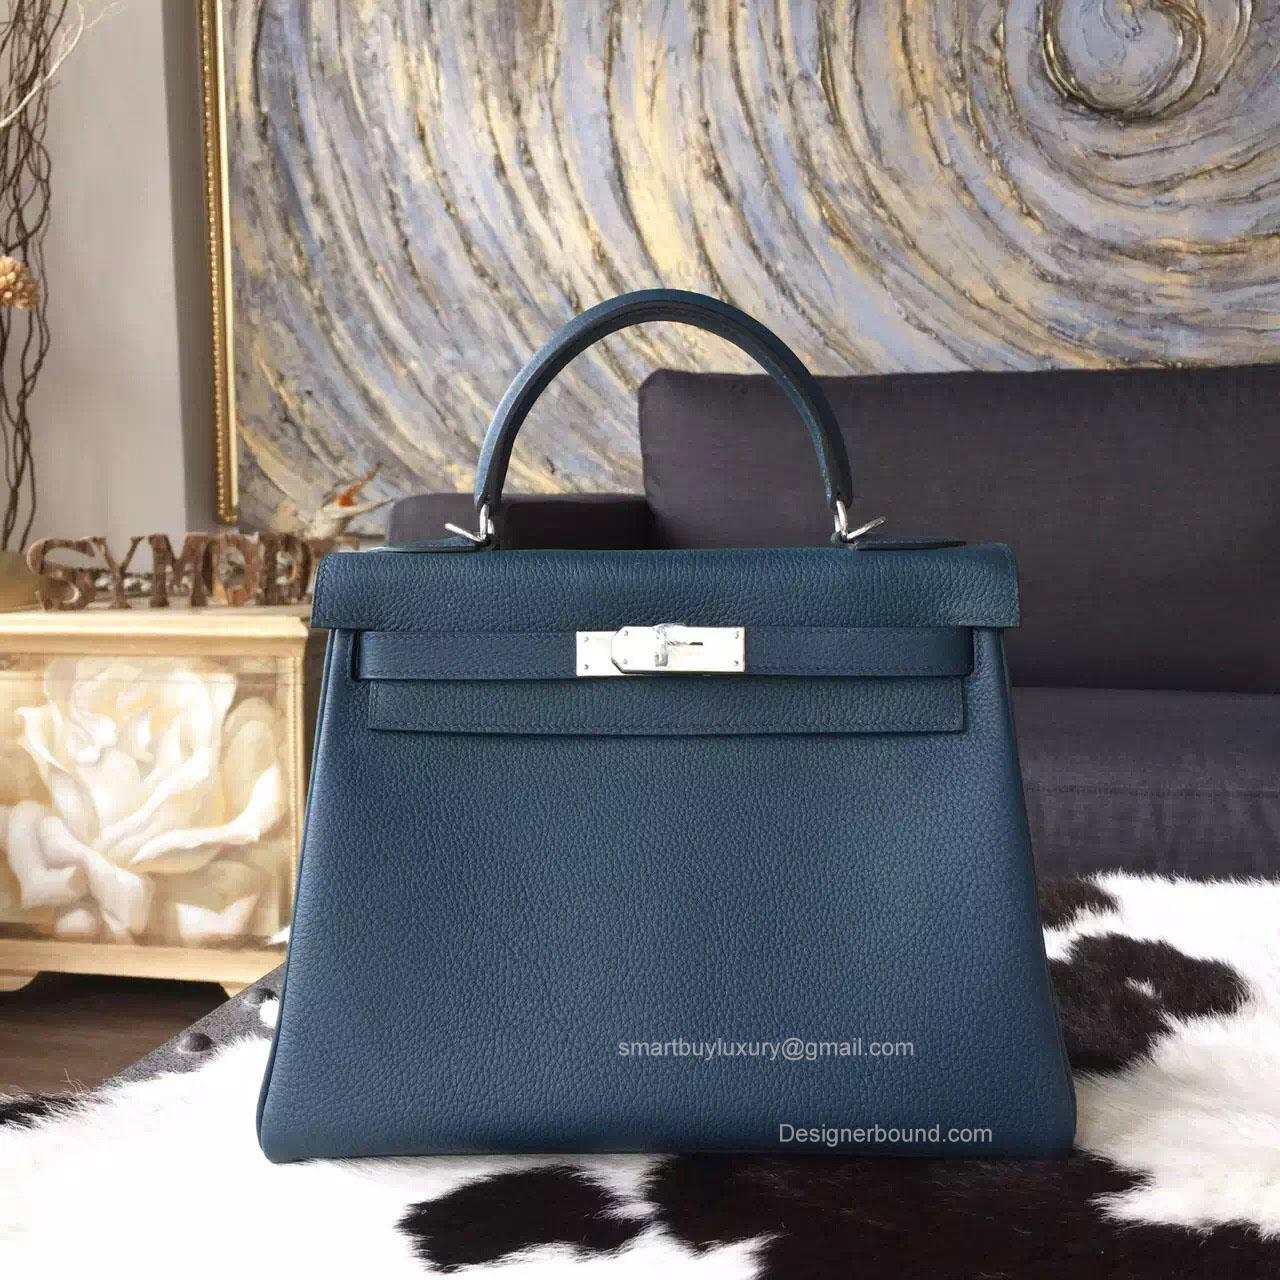 04235409c80e Hermes Kelly 28 Bag Colvert 1p Togo Leather Handstitched Silver hw -